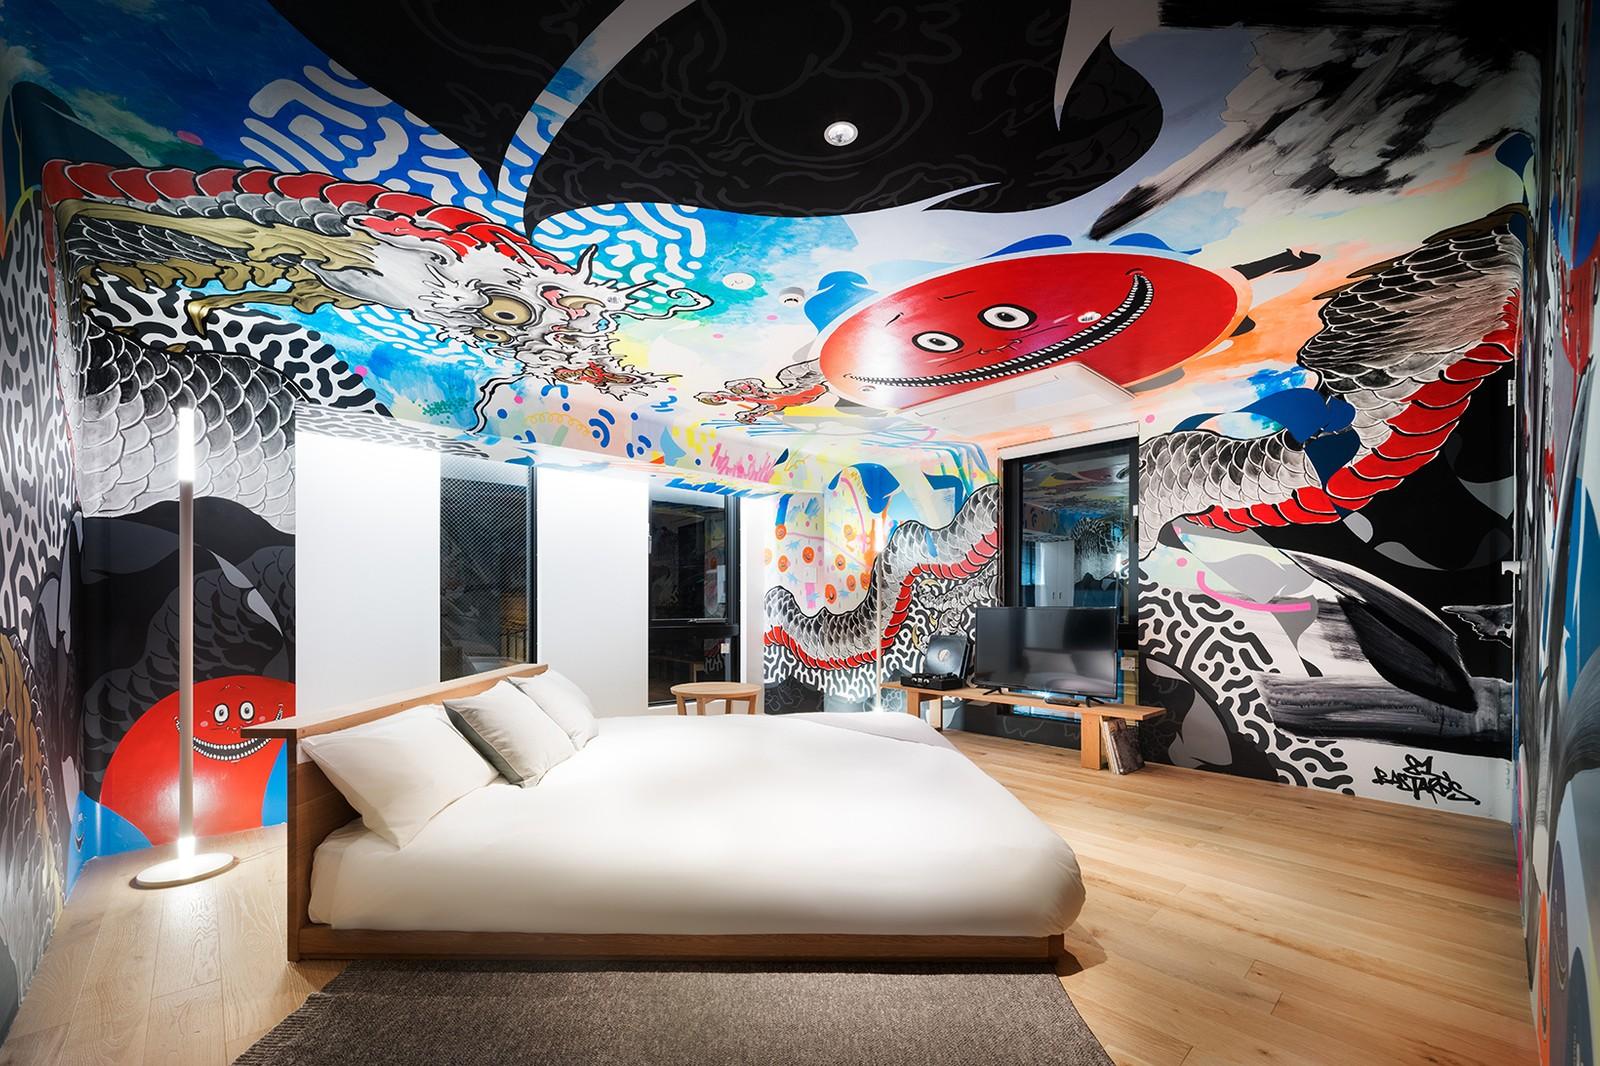 phòng ngủ thứ hai của bna studio